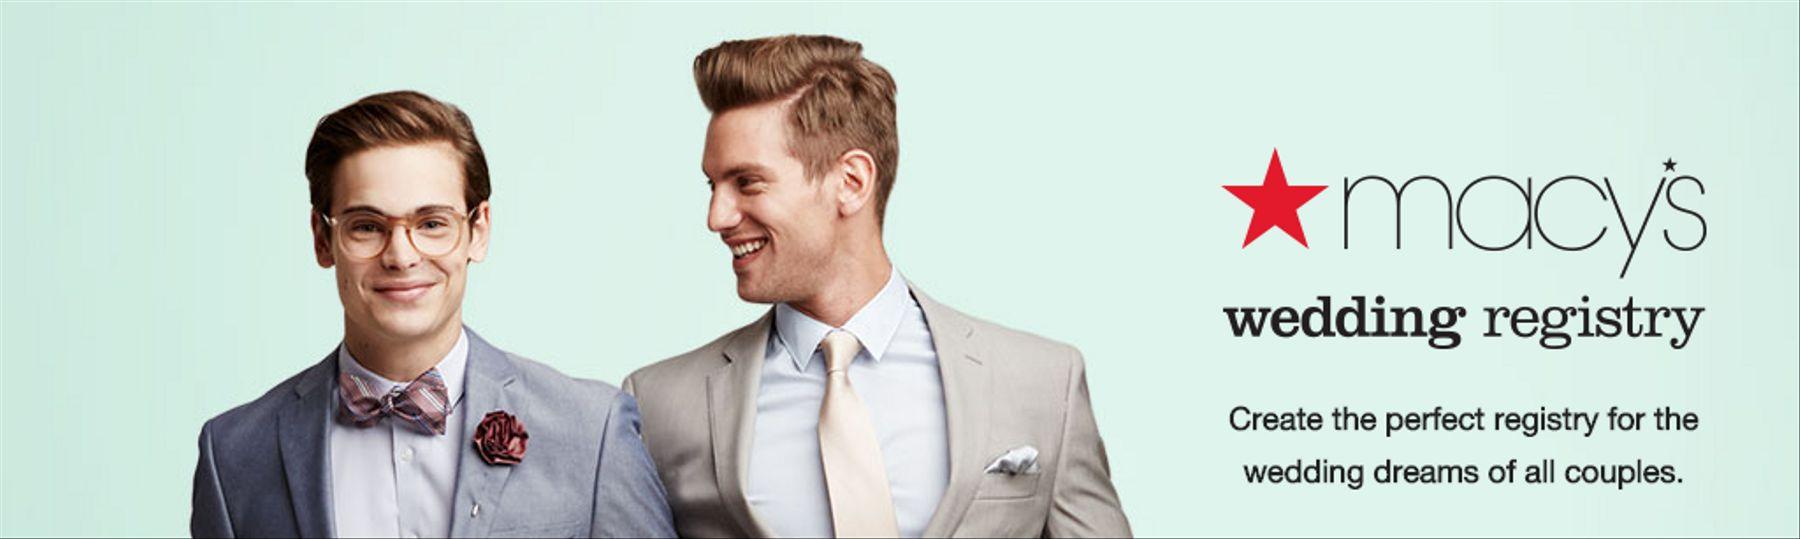 פרסומת לרשימת מתנות חתונה במייסיס